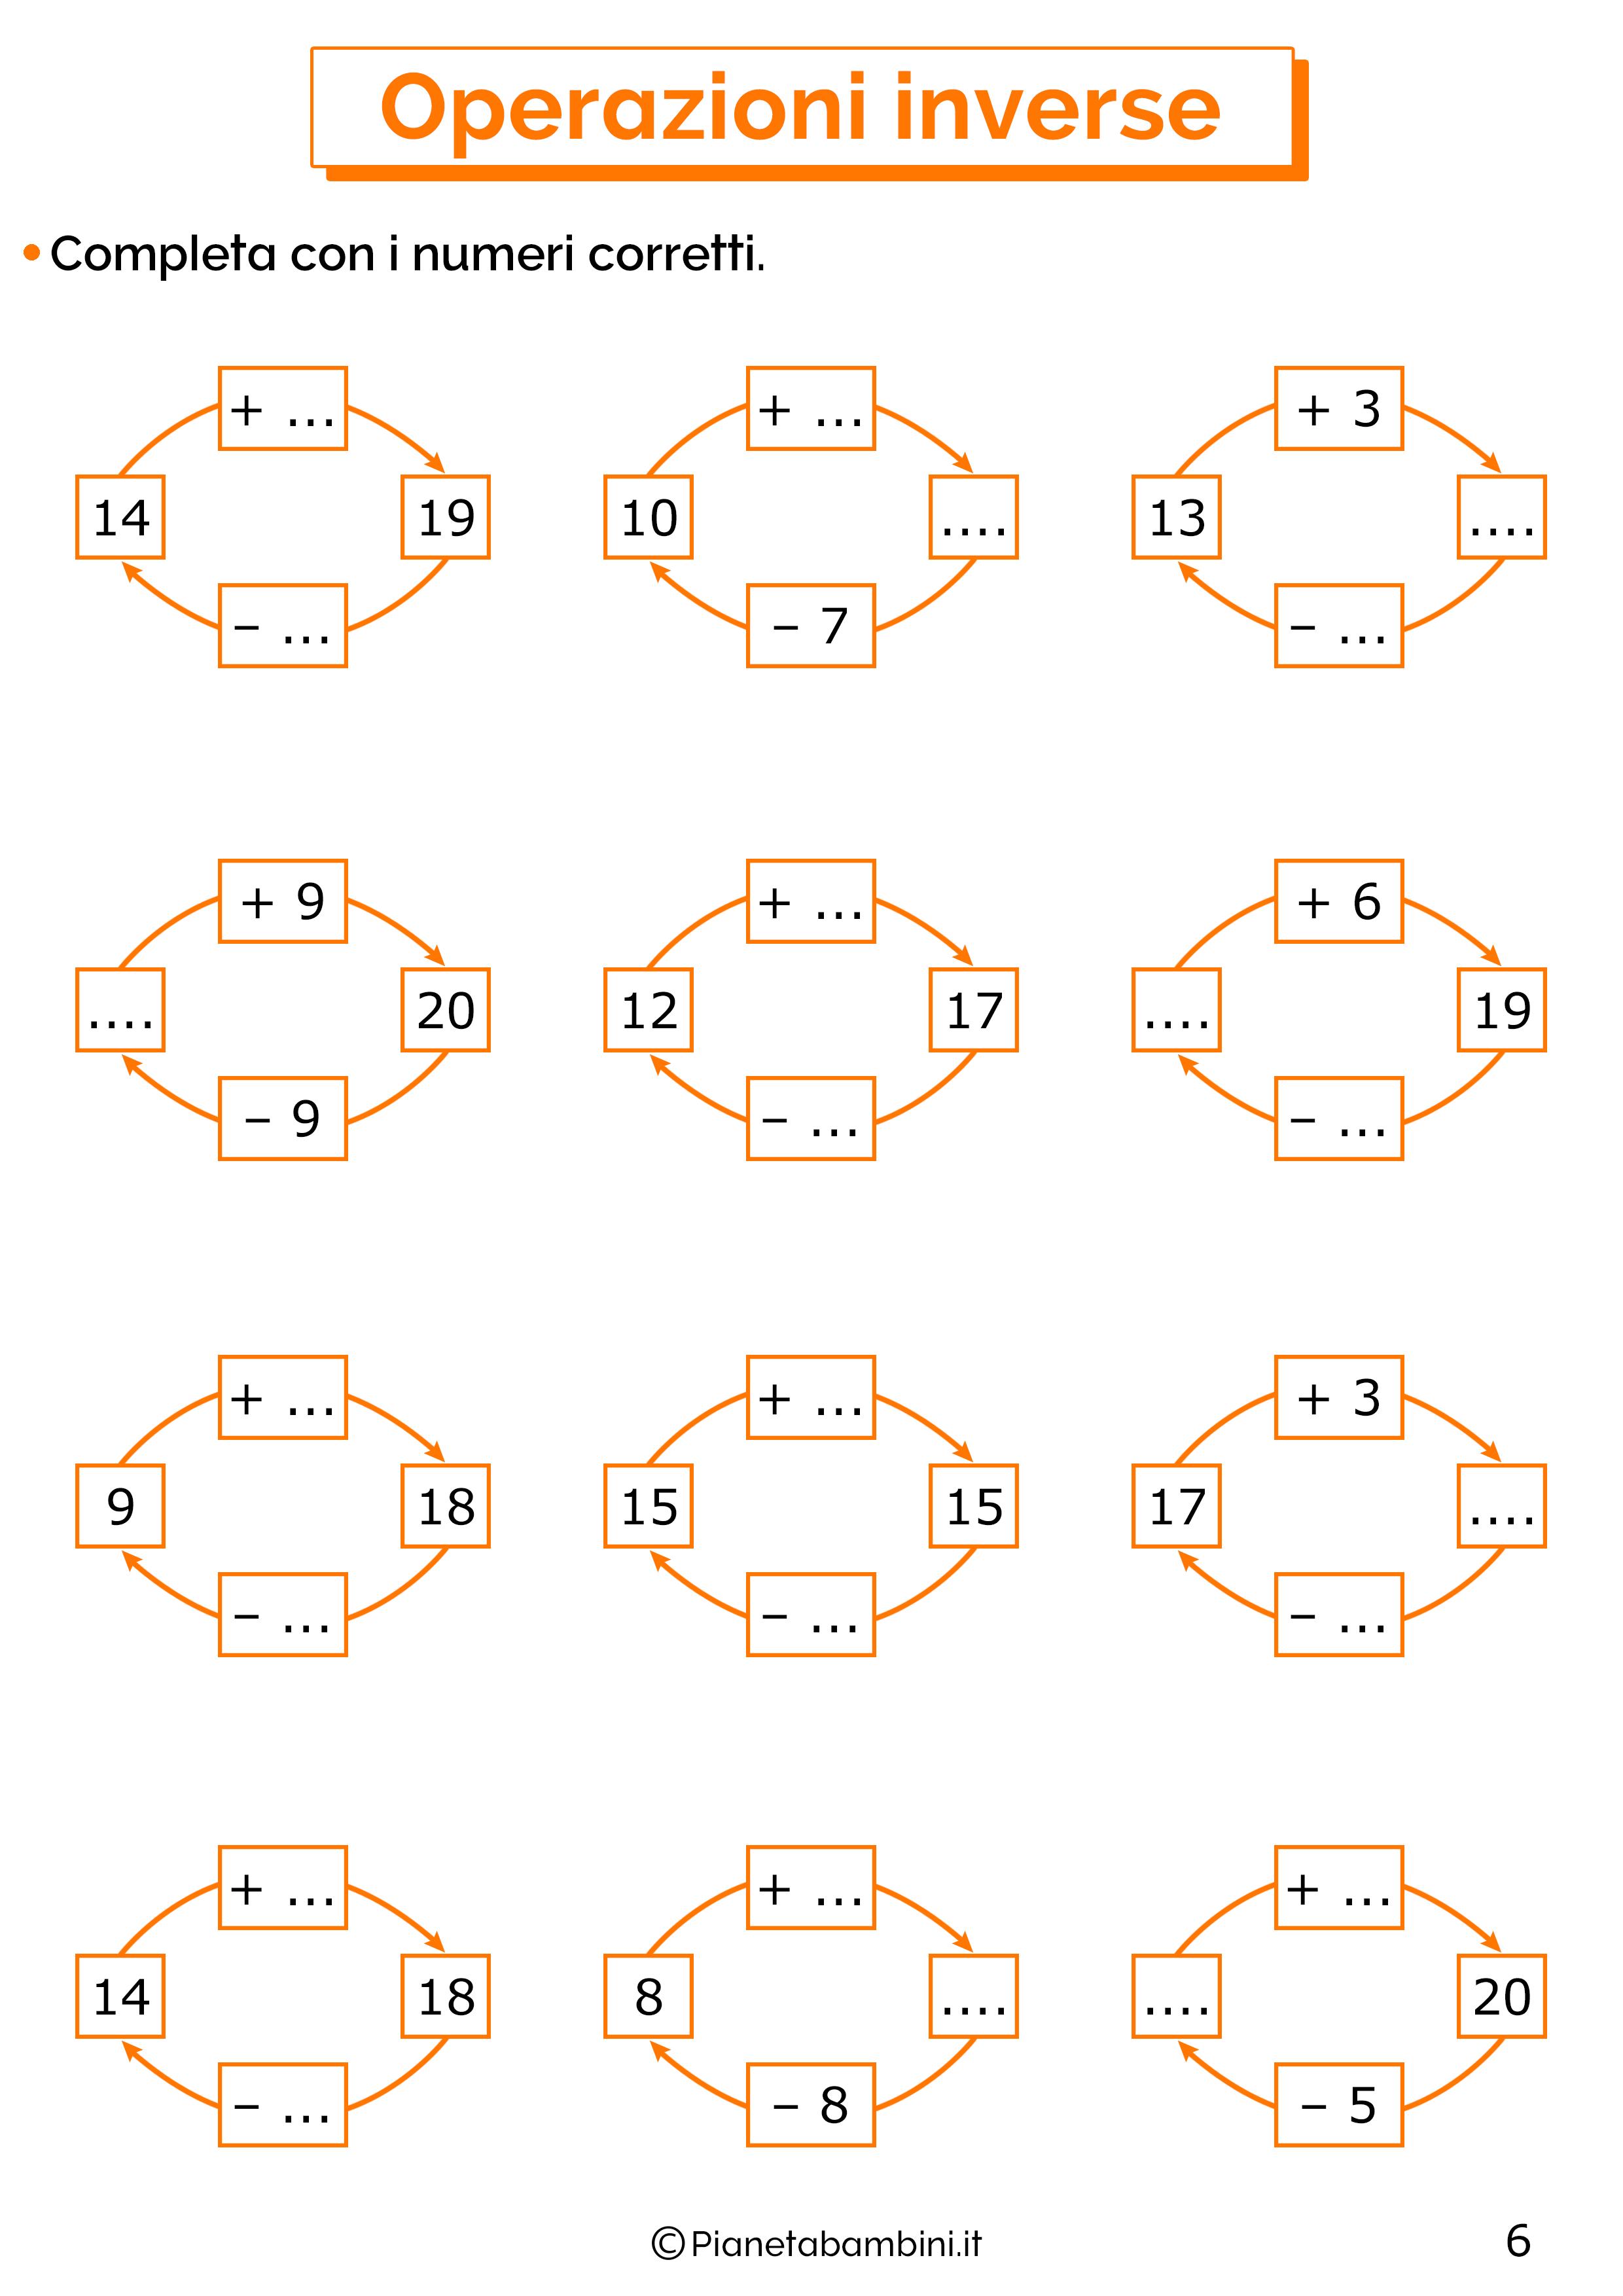 Schede didattiche sulle operazioni inverse 06